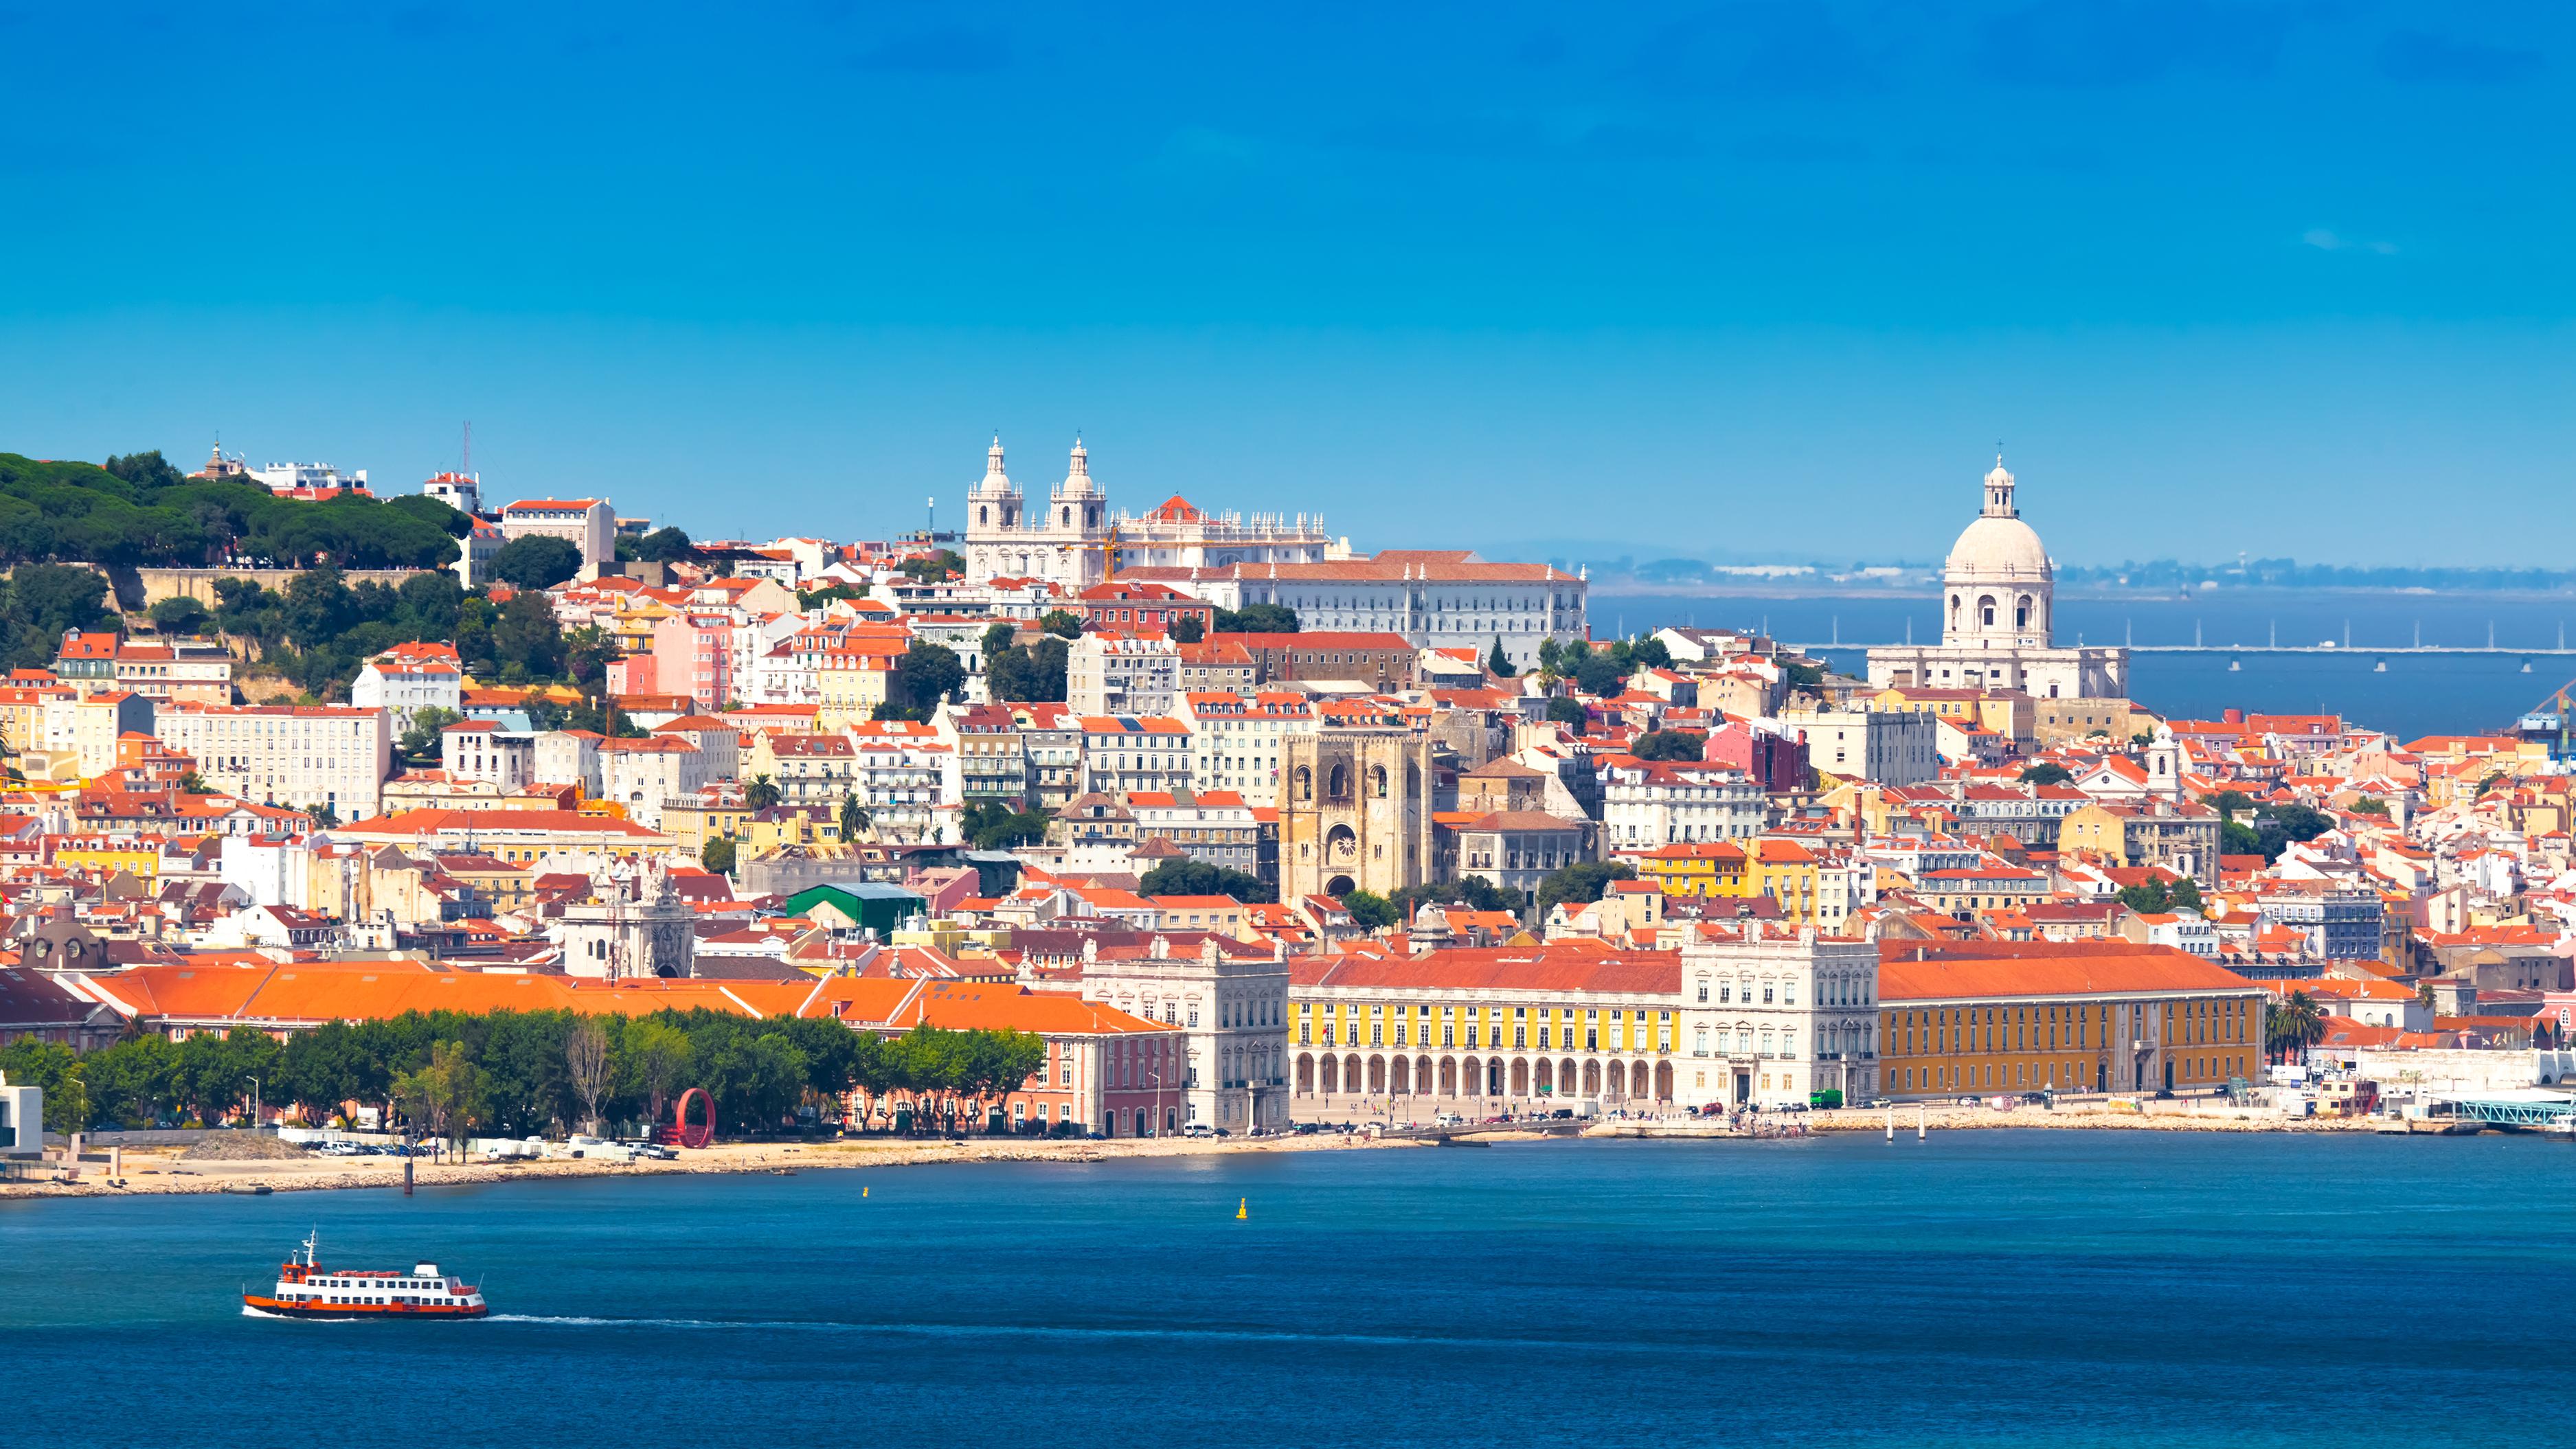 Панорама Лиссабона, столицы Португалии, ВНЖ которой могут получить россияне